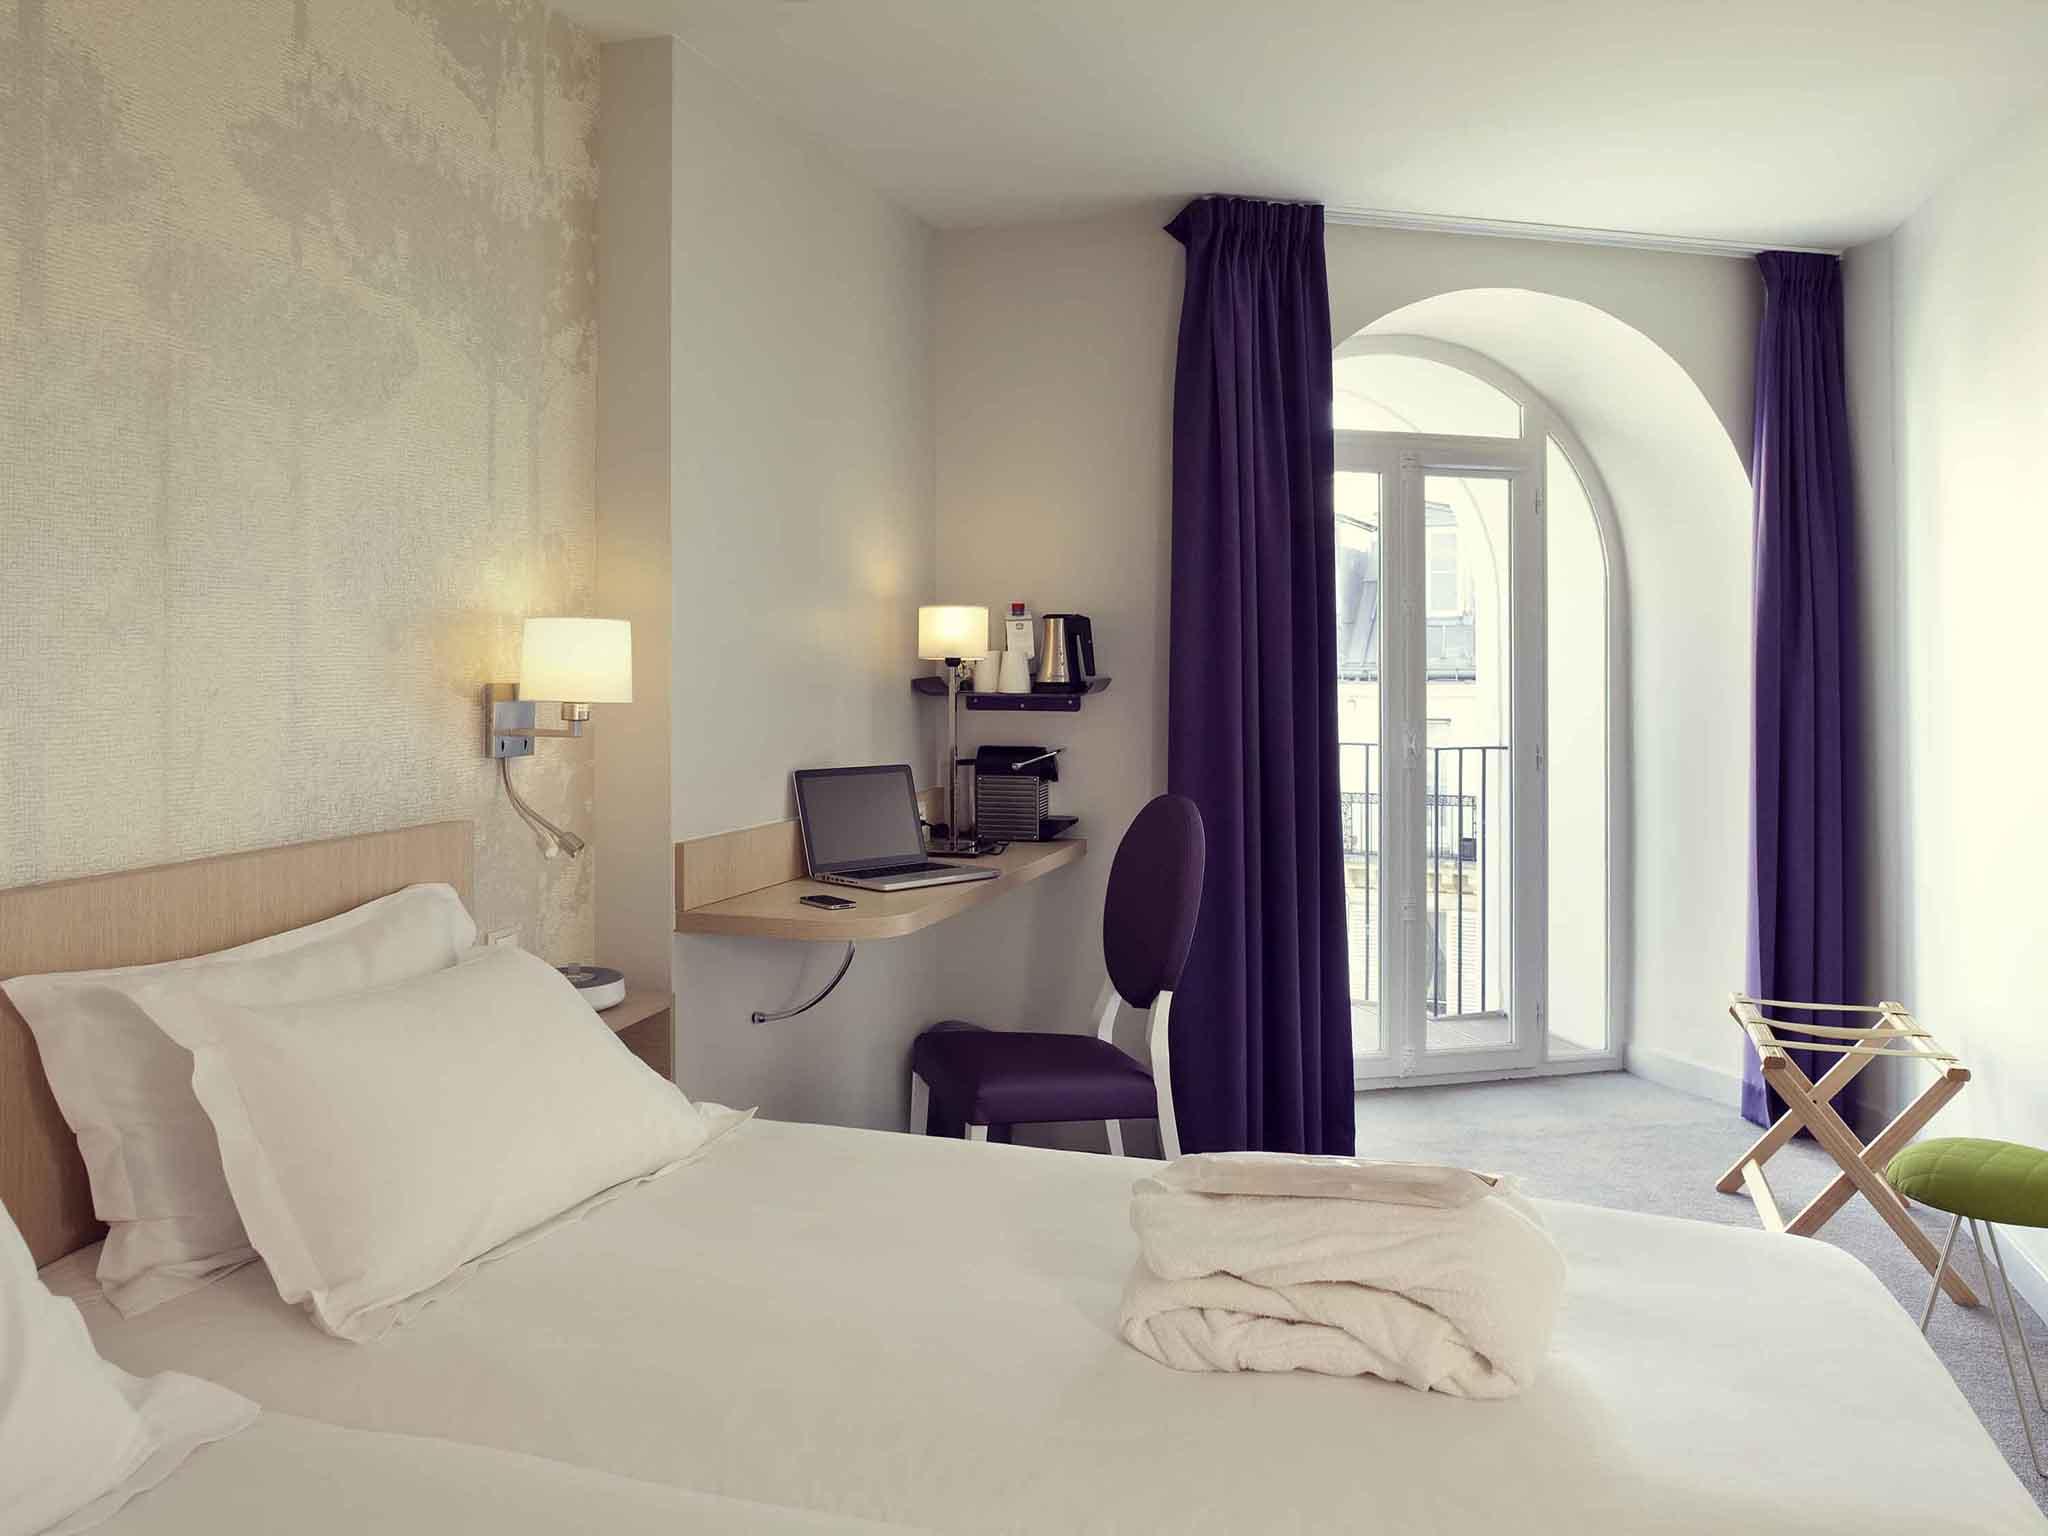 ホテル – メルキュール パリ ノートルダム サン ジェルマン デ プレ